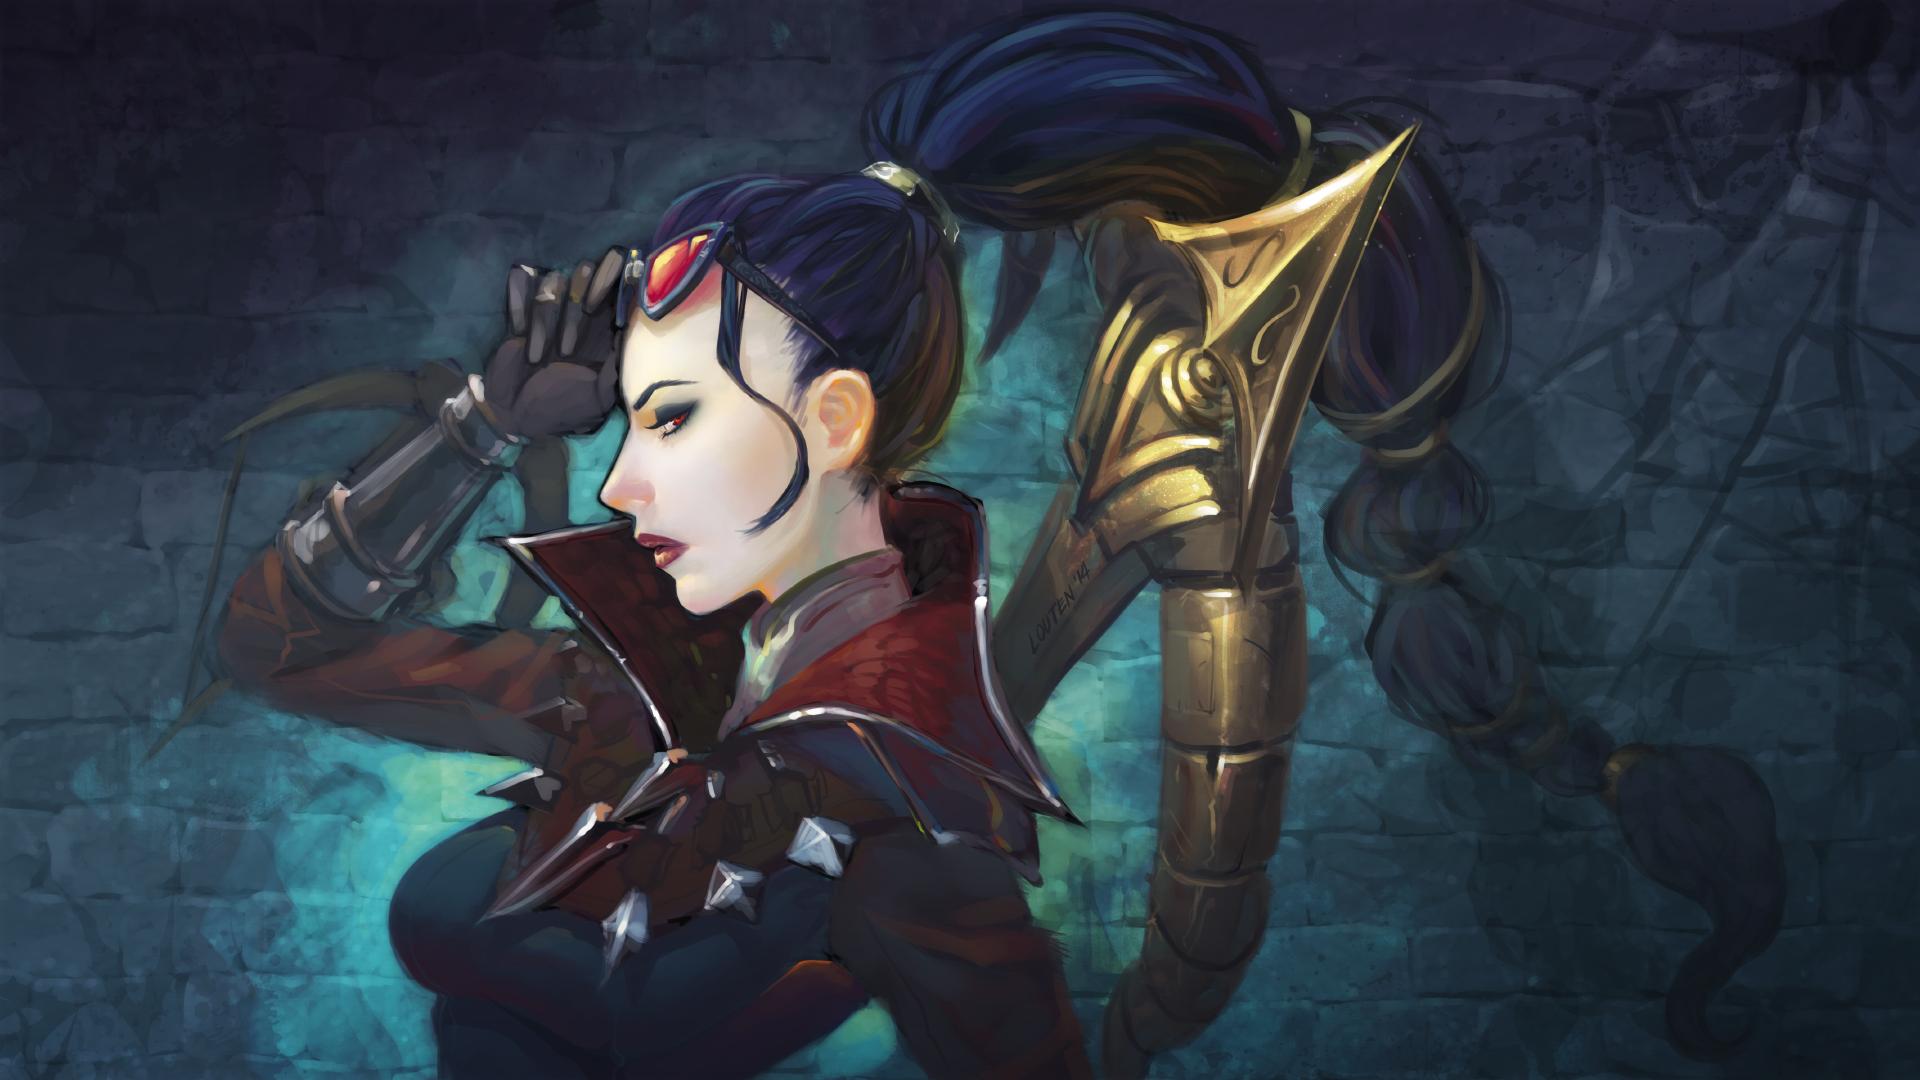 Wallpaper : Vayne League of Legends, women, eyeshadow, red